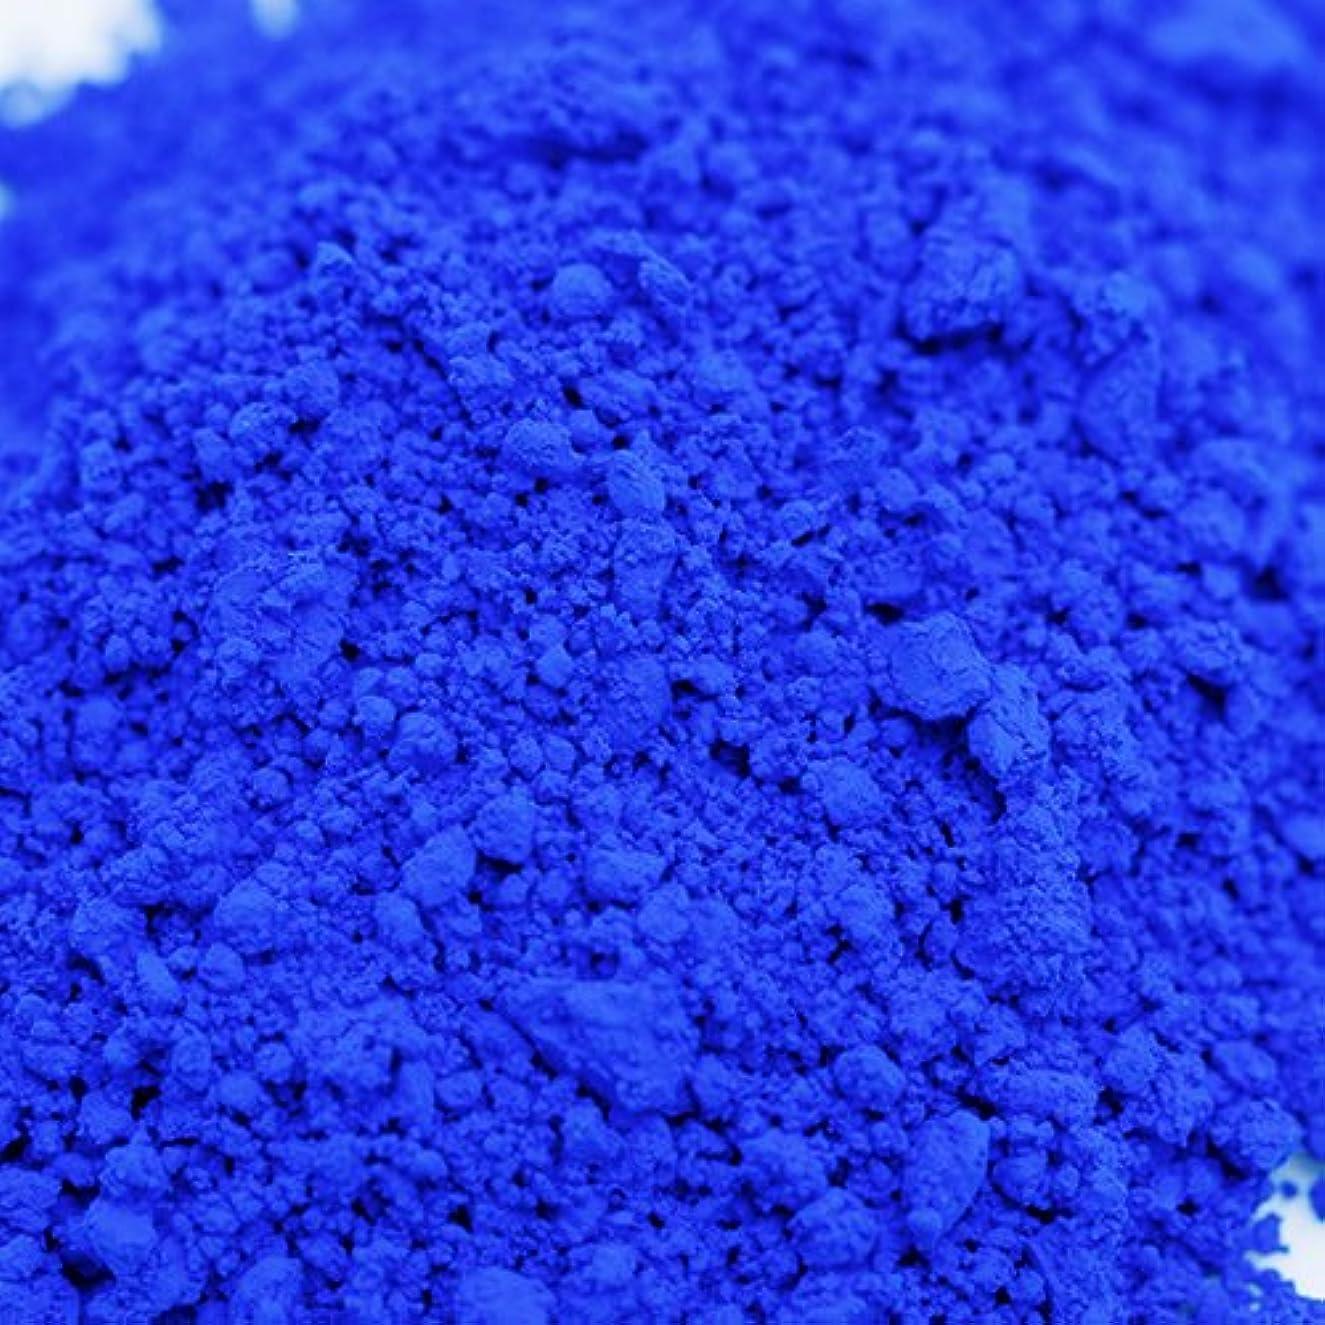 塗抹タオルに慣れウルトラマリン ブルー 5g 【手作り石鹸/手作りコスメ/色付け/カラーラント/青】